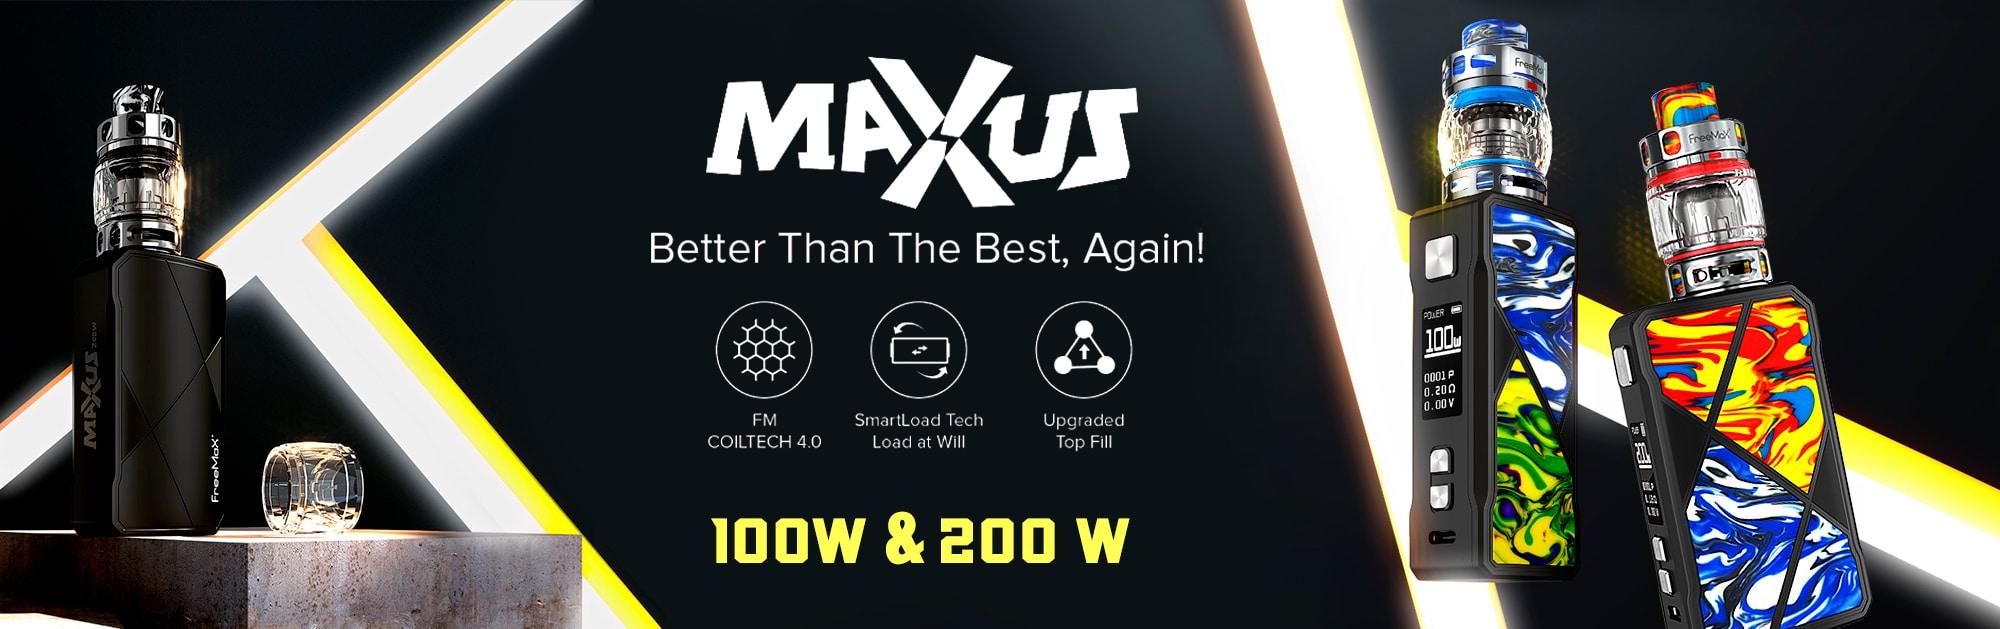 maxus-kit-banner-2000